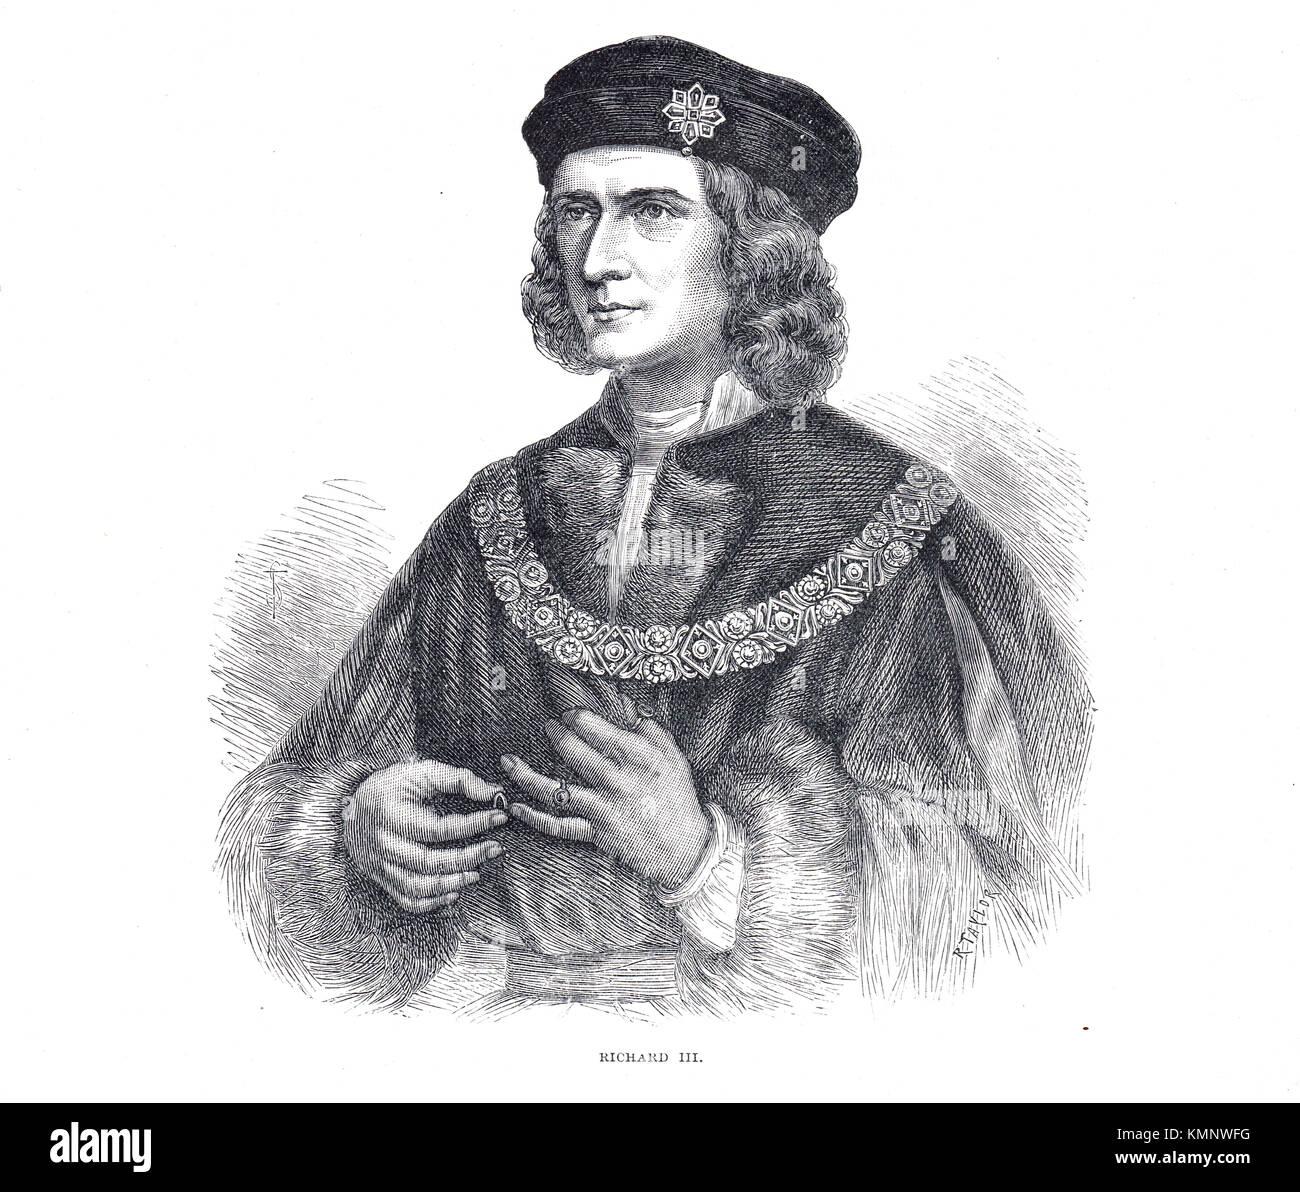 King Richard III of England, 1452-1485, reigned 1483-1485 - Stock Image